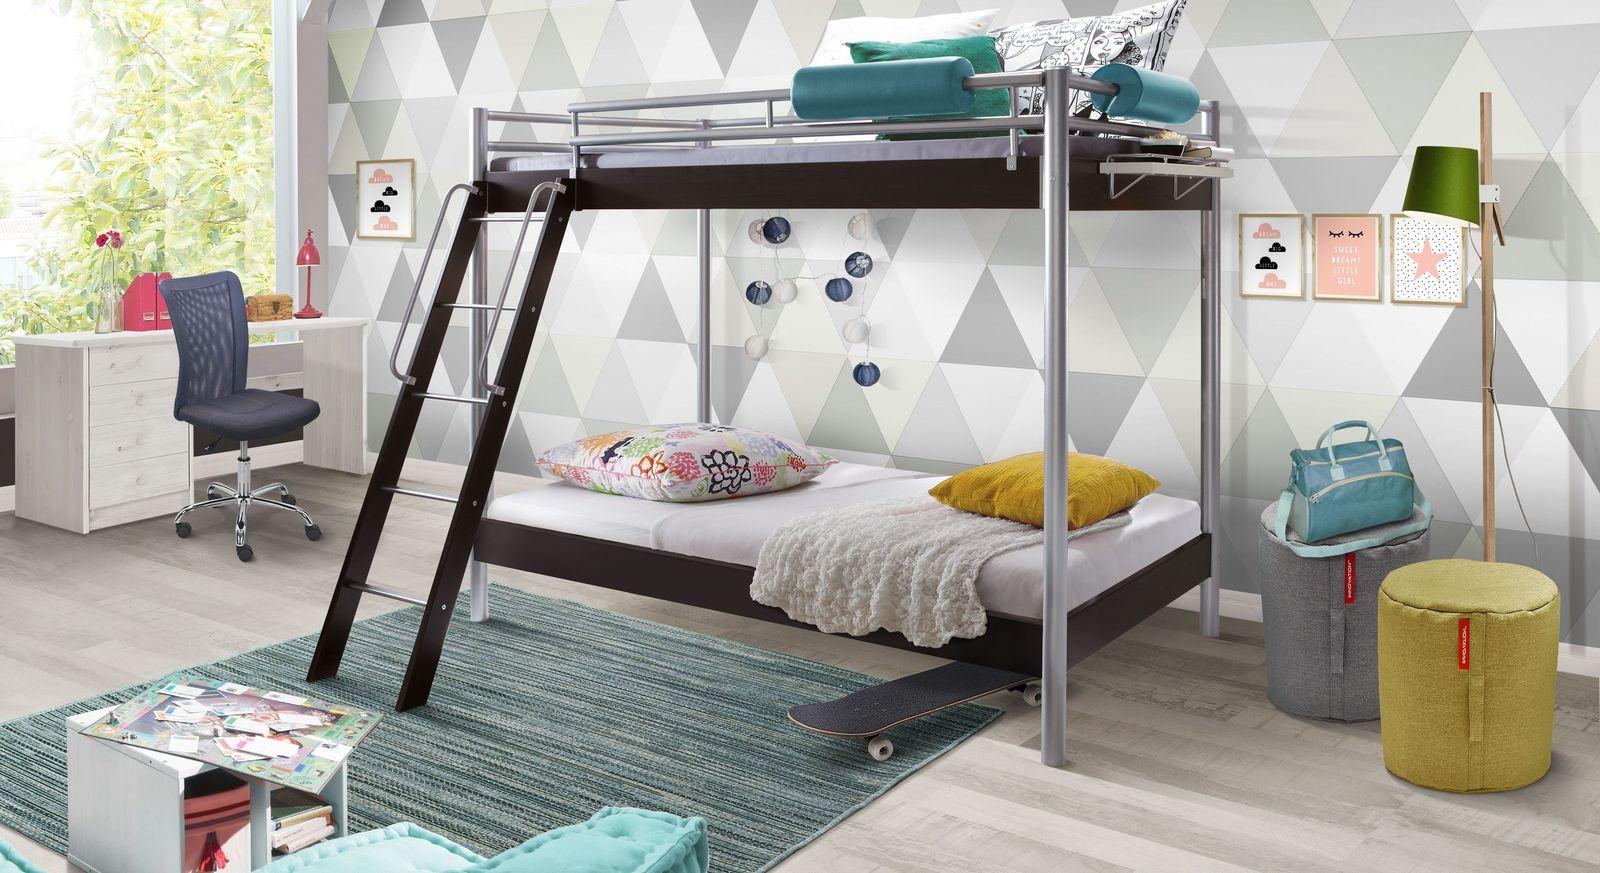 Etagenbett Mit Richtigem Lattenrost : Stabiles etagenbett aus metall mit leiter inklusive finn